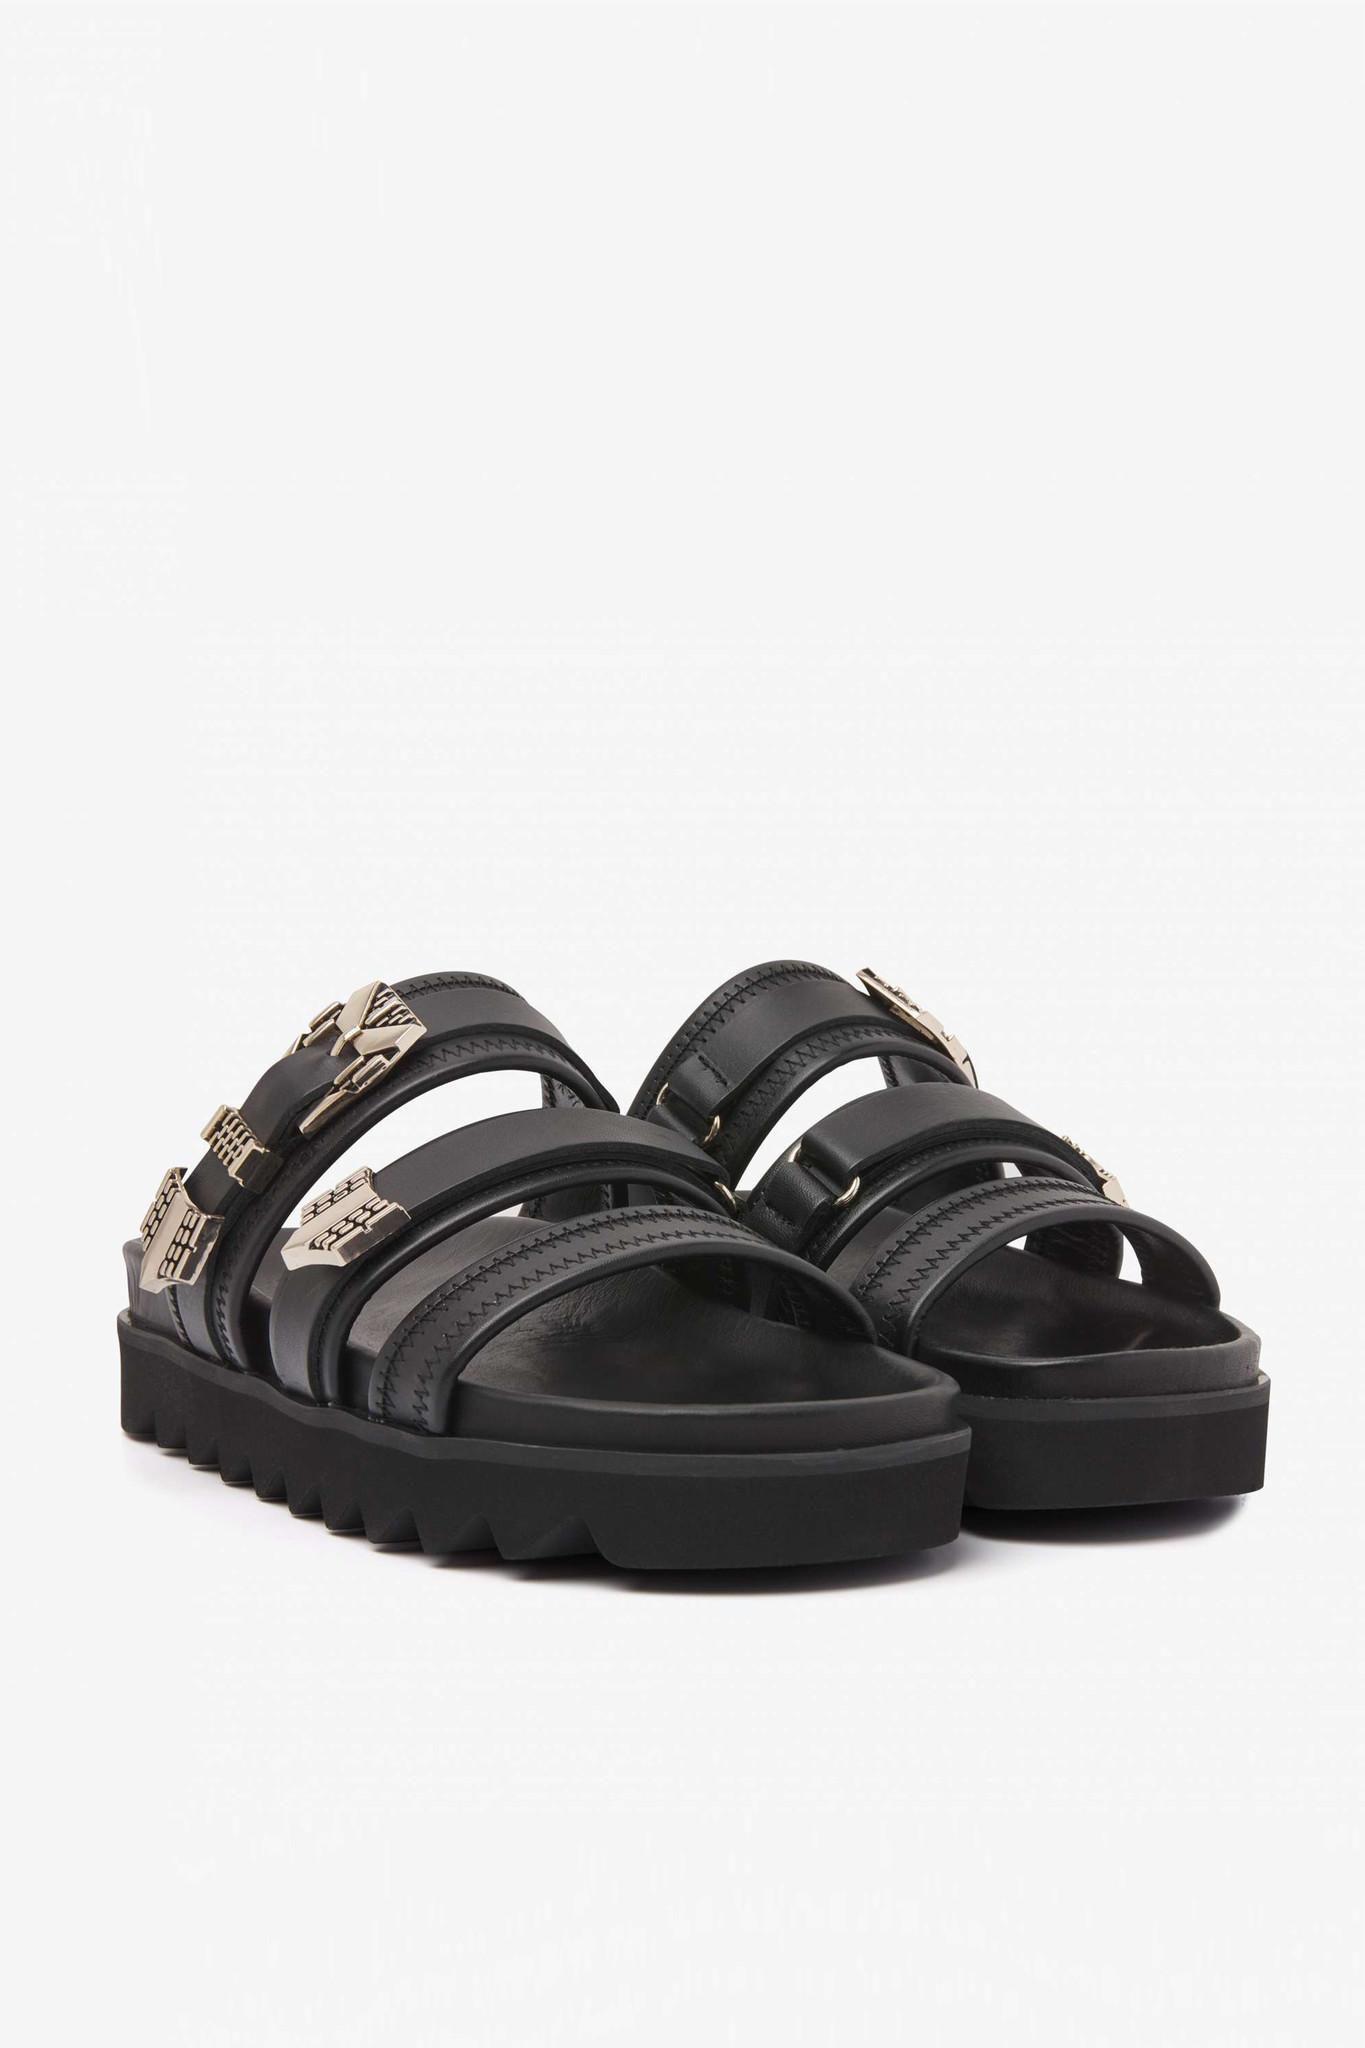 Lauren Taro II Sandals - Black-1